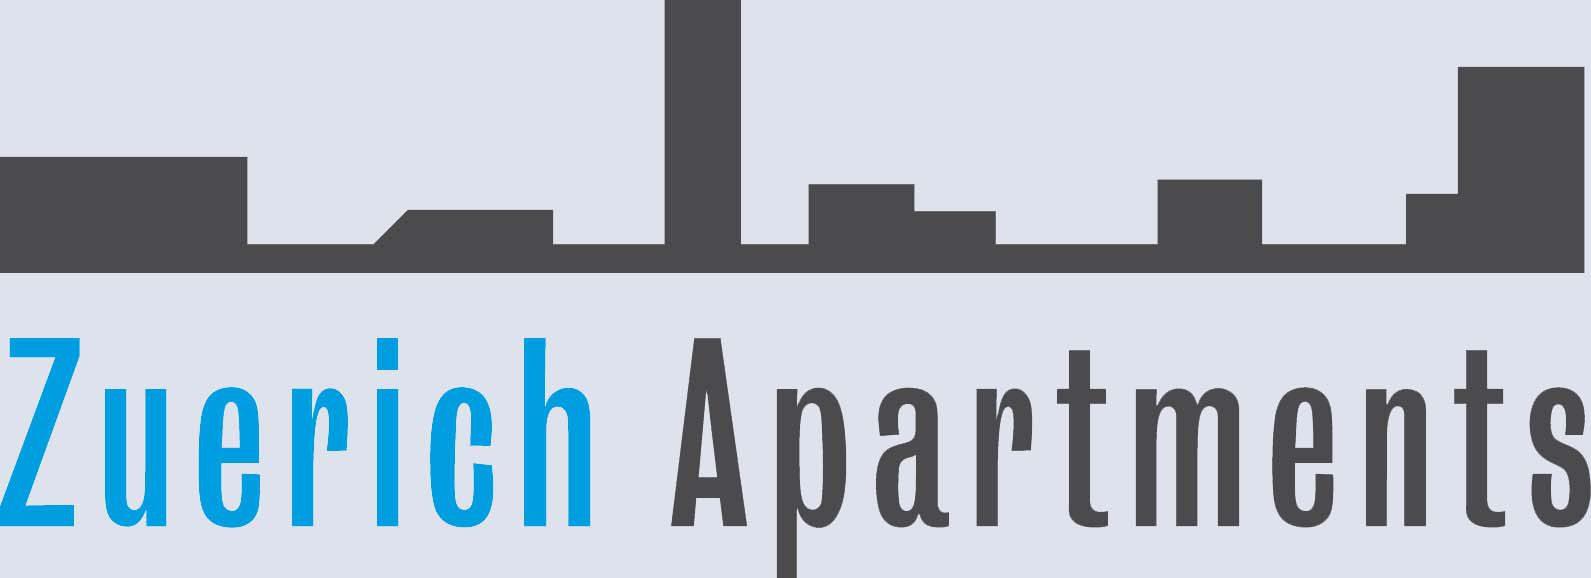 Zuerich Apartments